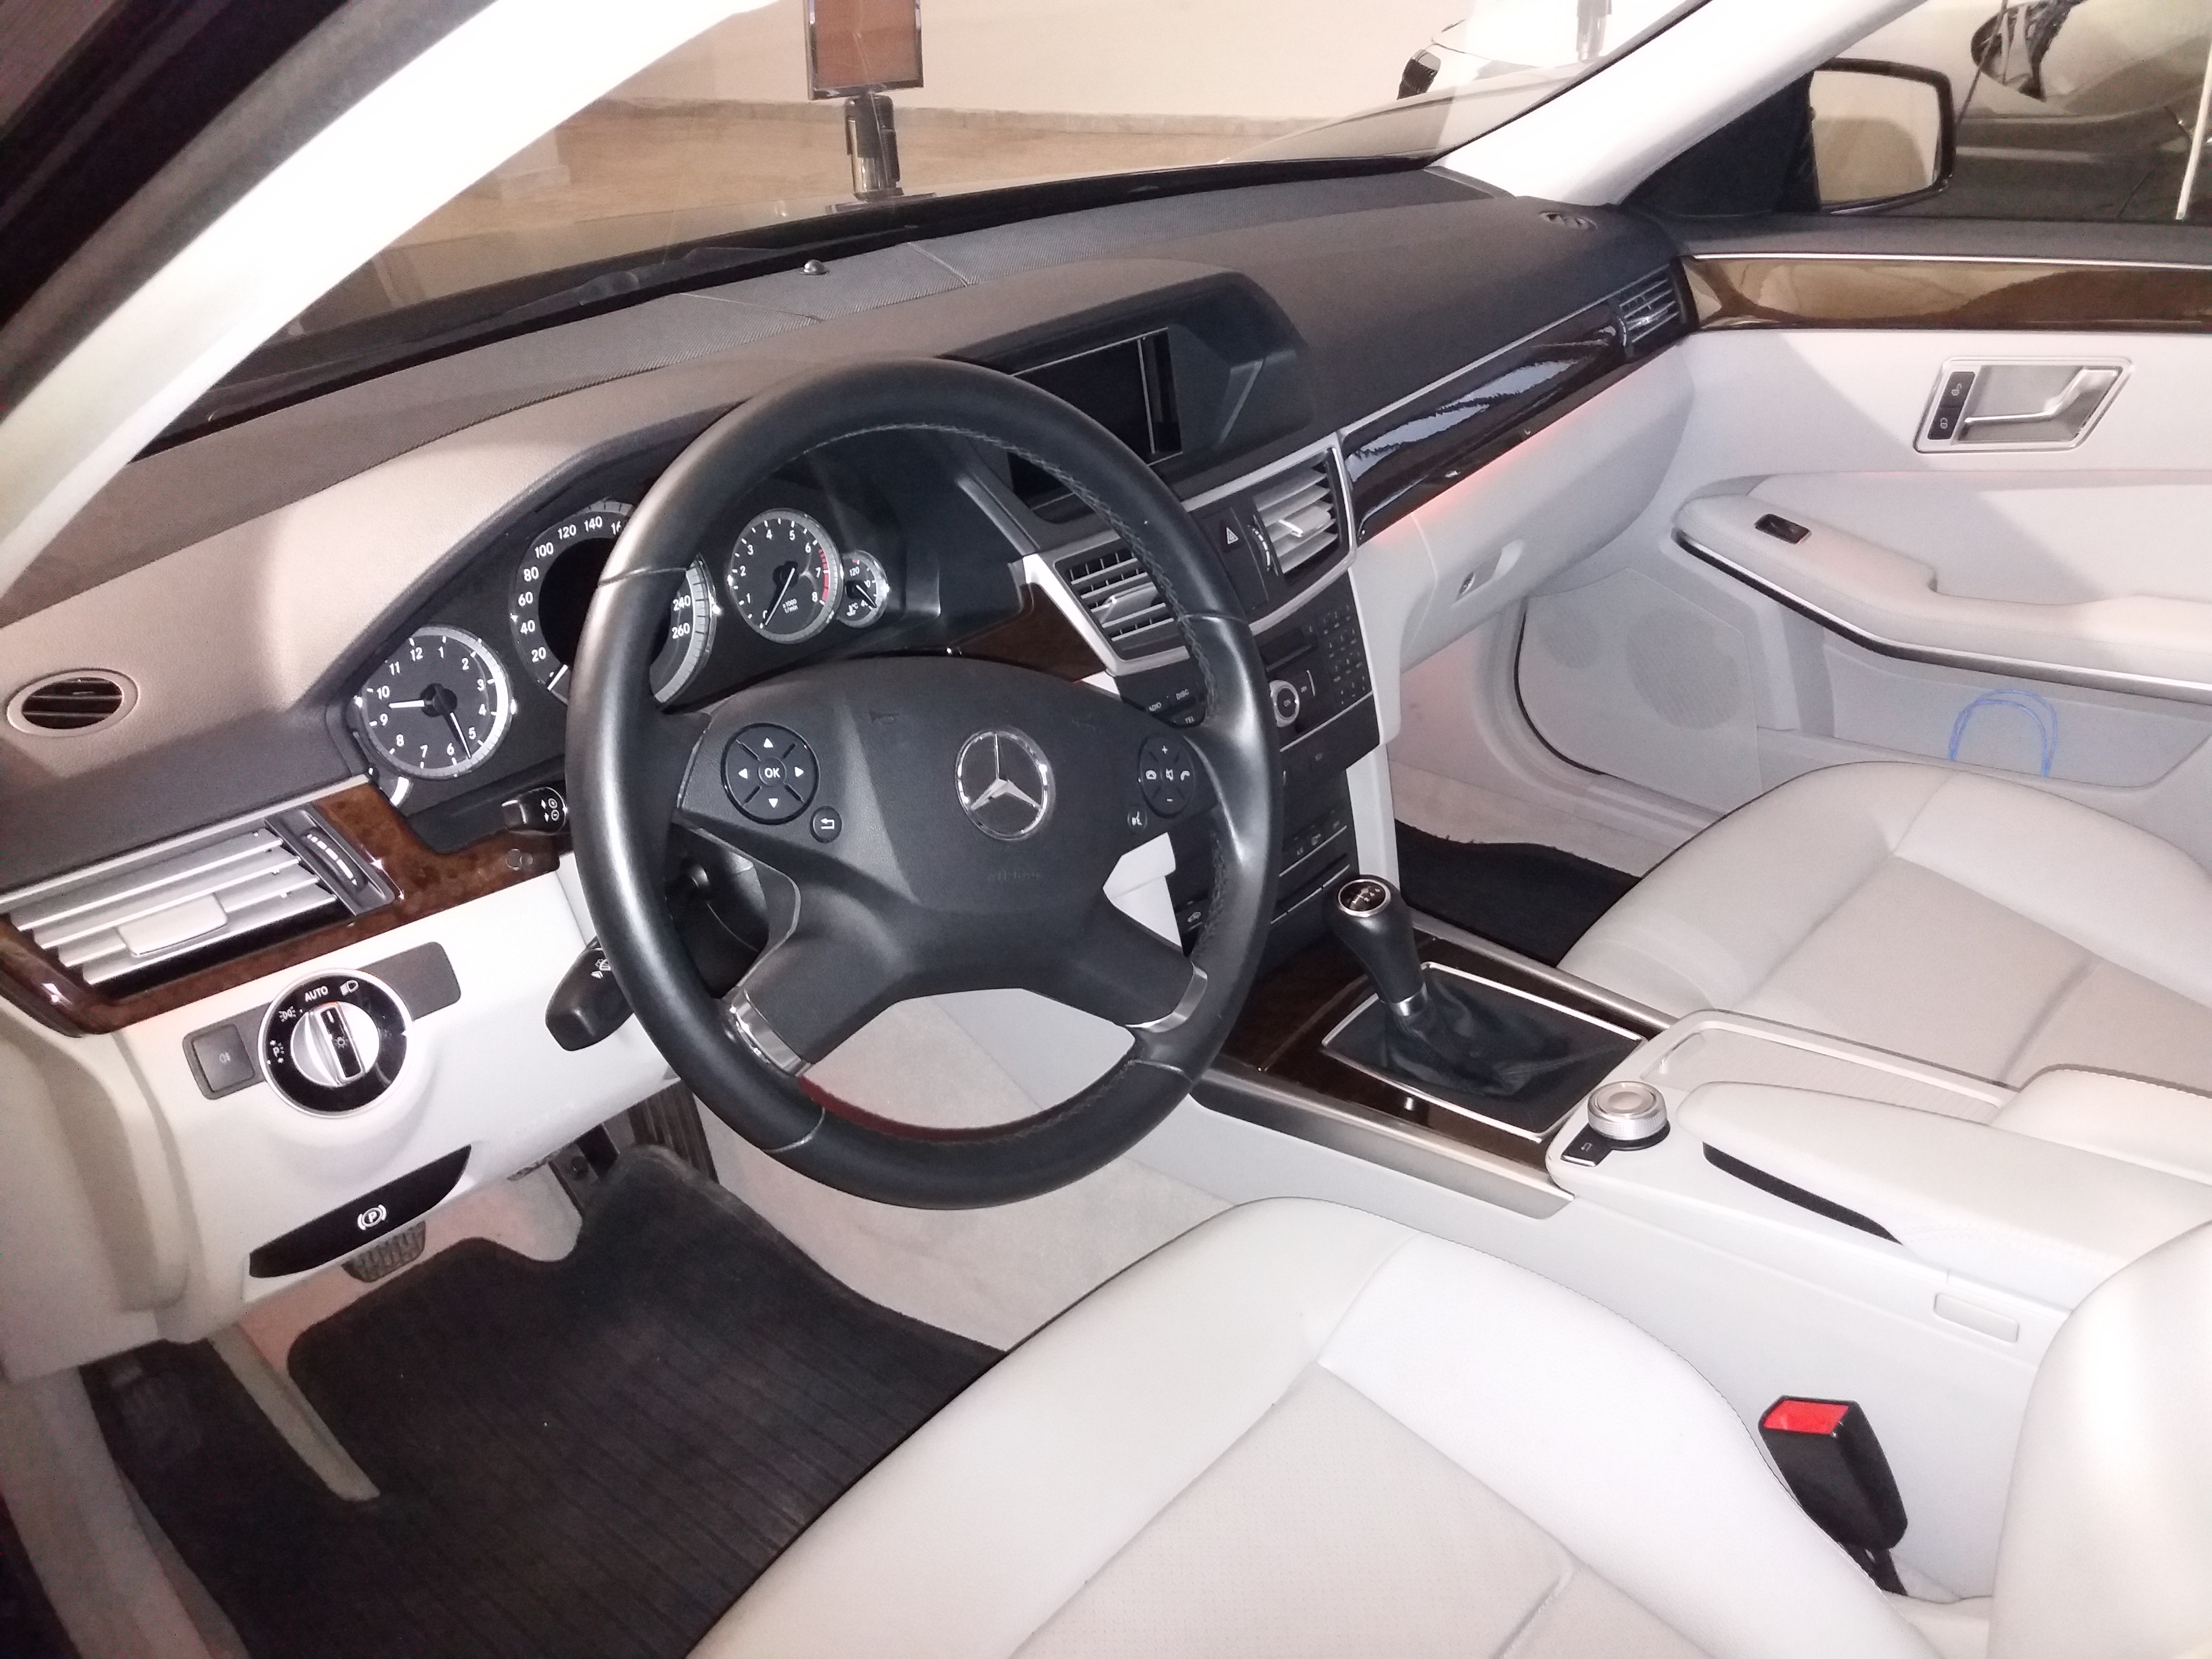 Noleggio Mercedes - foto interno 2